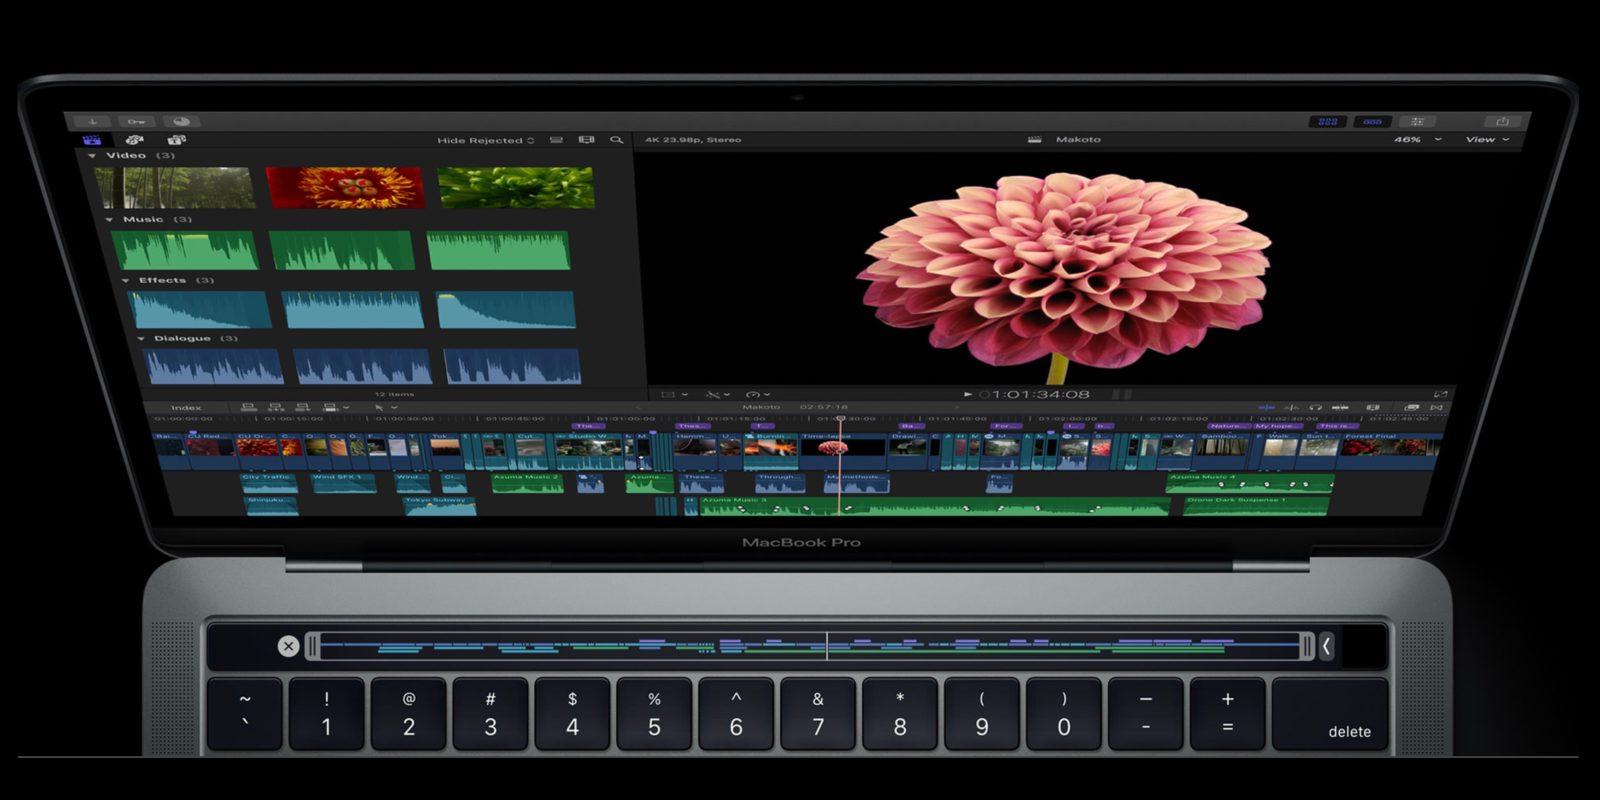 专业视频剪辑软件哪个好_专业视频剪辑软件有哪些_视频剪辑软件专业